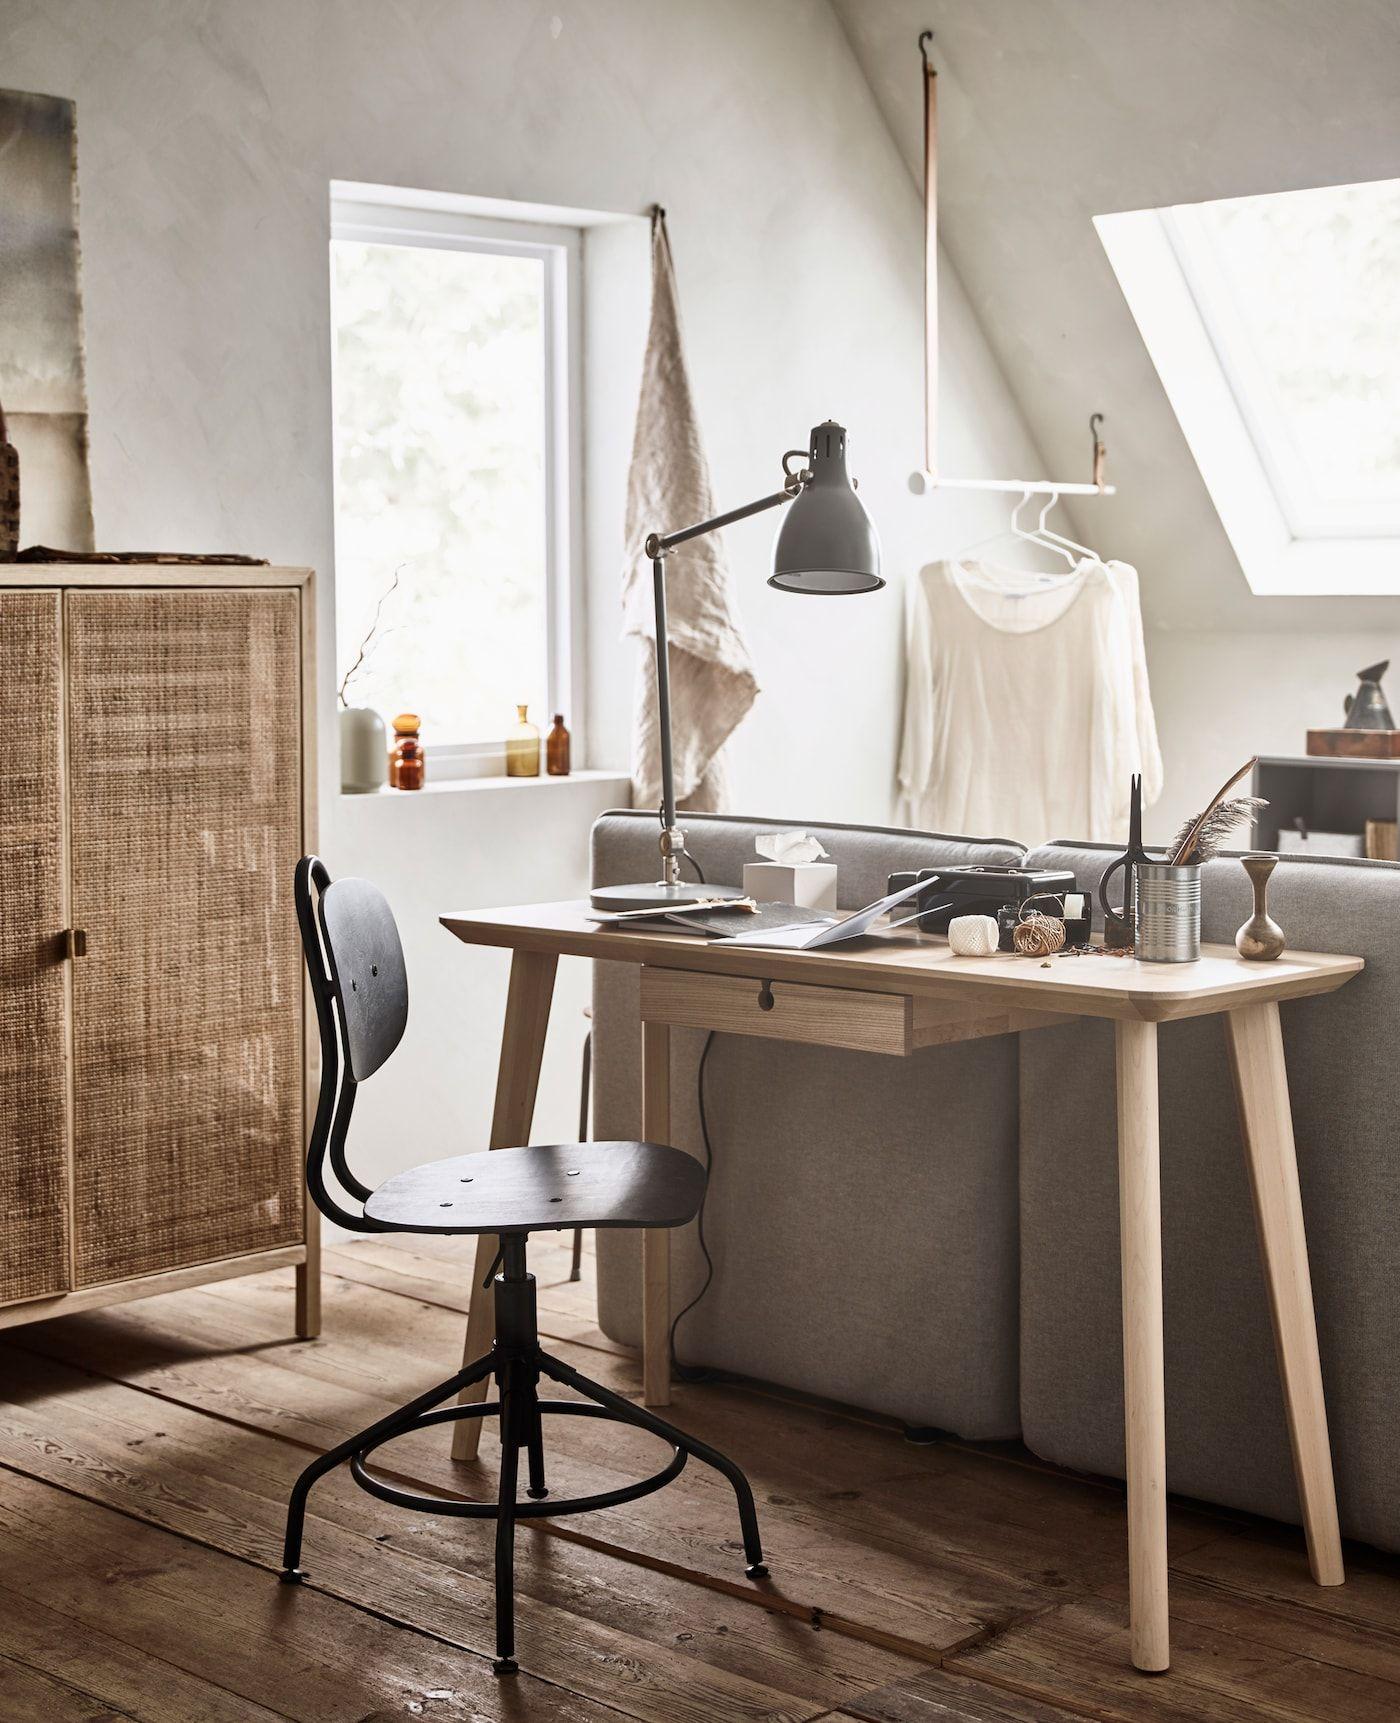 Gaste Arbeitszimmer Kombinieren Profi Tipps Buro Zimmer Gastezimmer Einrichten Und Kleines Loft